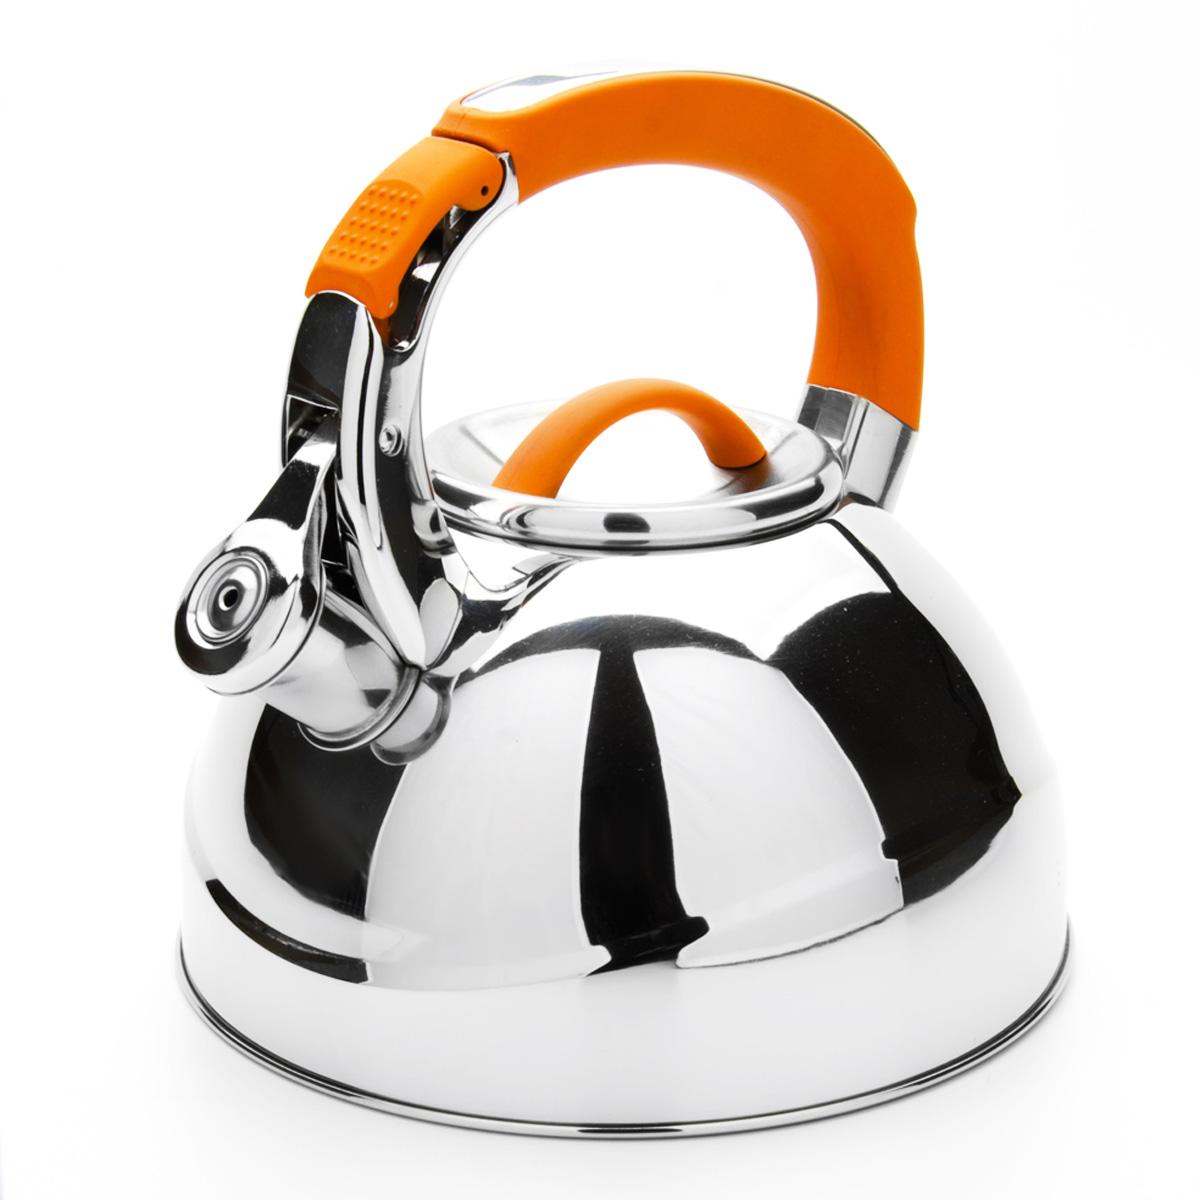 Чайник Mayer & Boch со свистком, цвет: оранжевый, 2,7 л. 23586WR-5208Чайник Mayer & Boch выполнен из высококачественной нержавеющей стали, что обеспечивает долговечность использования. Внешнее зеркальноепокрытие придает приятный внешний вид. Фиксированная ручка из нейлона делает использование чайника очень удобным и безопасным. Чайник снабжен свистком и устройством для открывания носика, которое находится на ручке. Можно мыть в посудомоечной машине. Пригоден для всех видов плит, включая индукционные. Высота чайника (без учета крышки и ручки): 11,5 см. Диаметр по верхнему краю: 10 см.